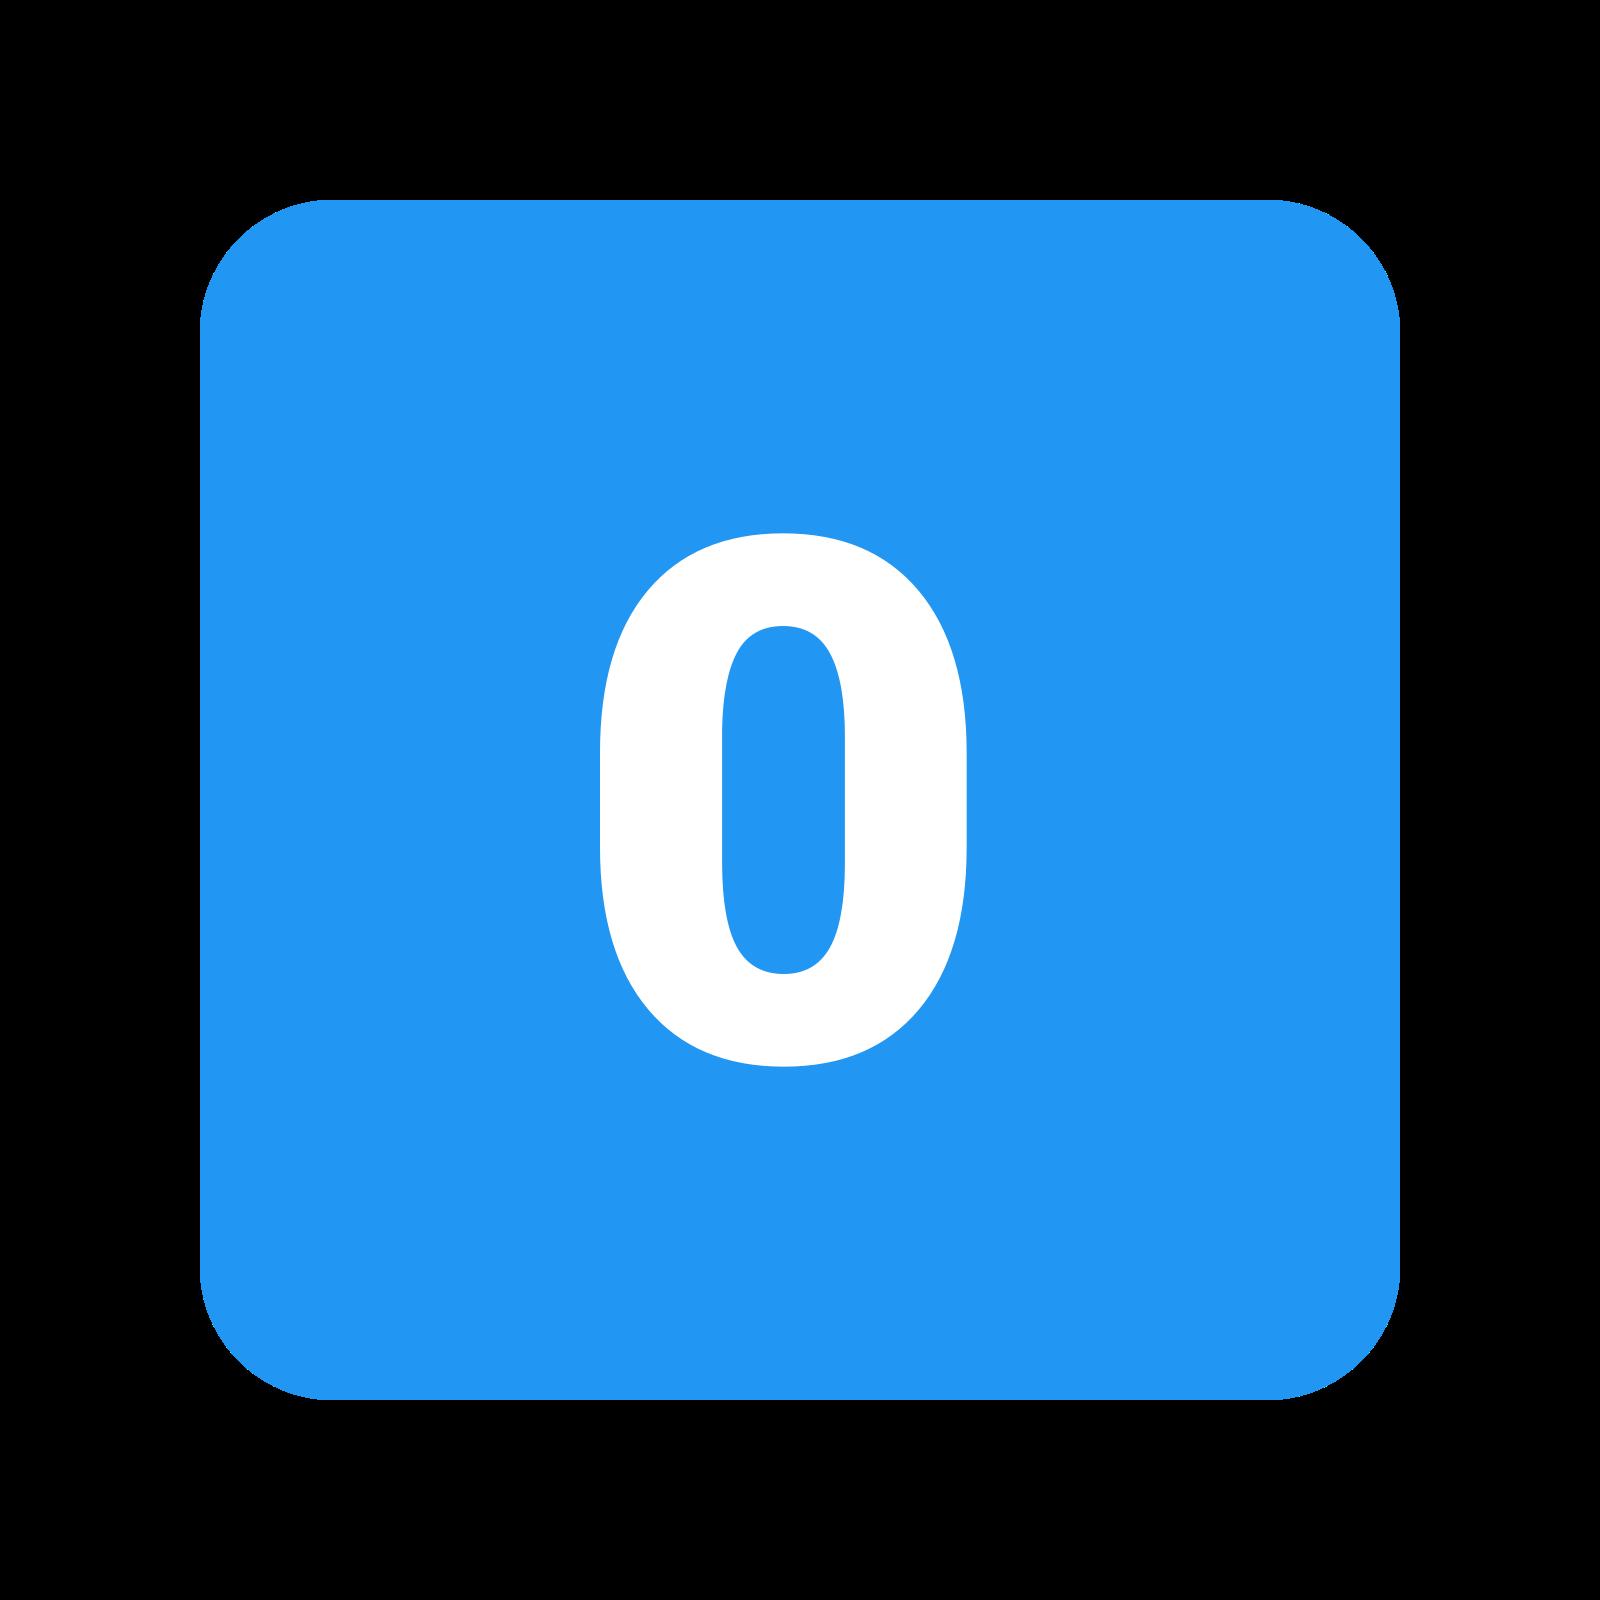 0 C icon